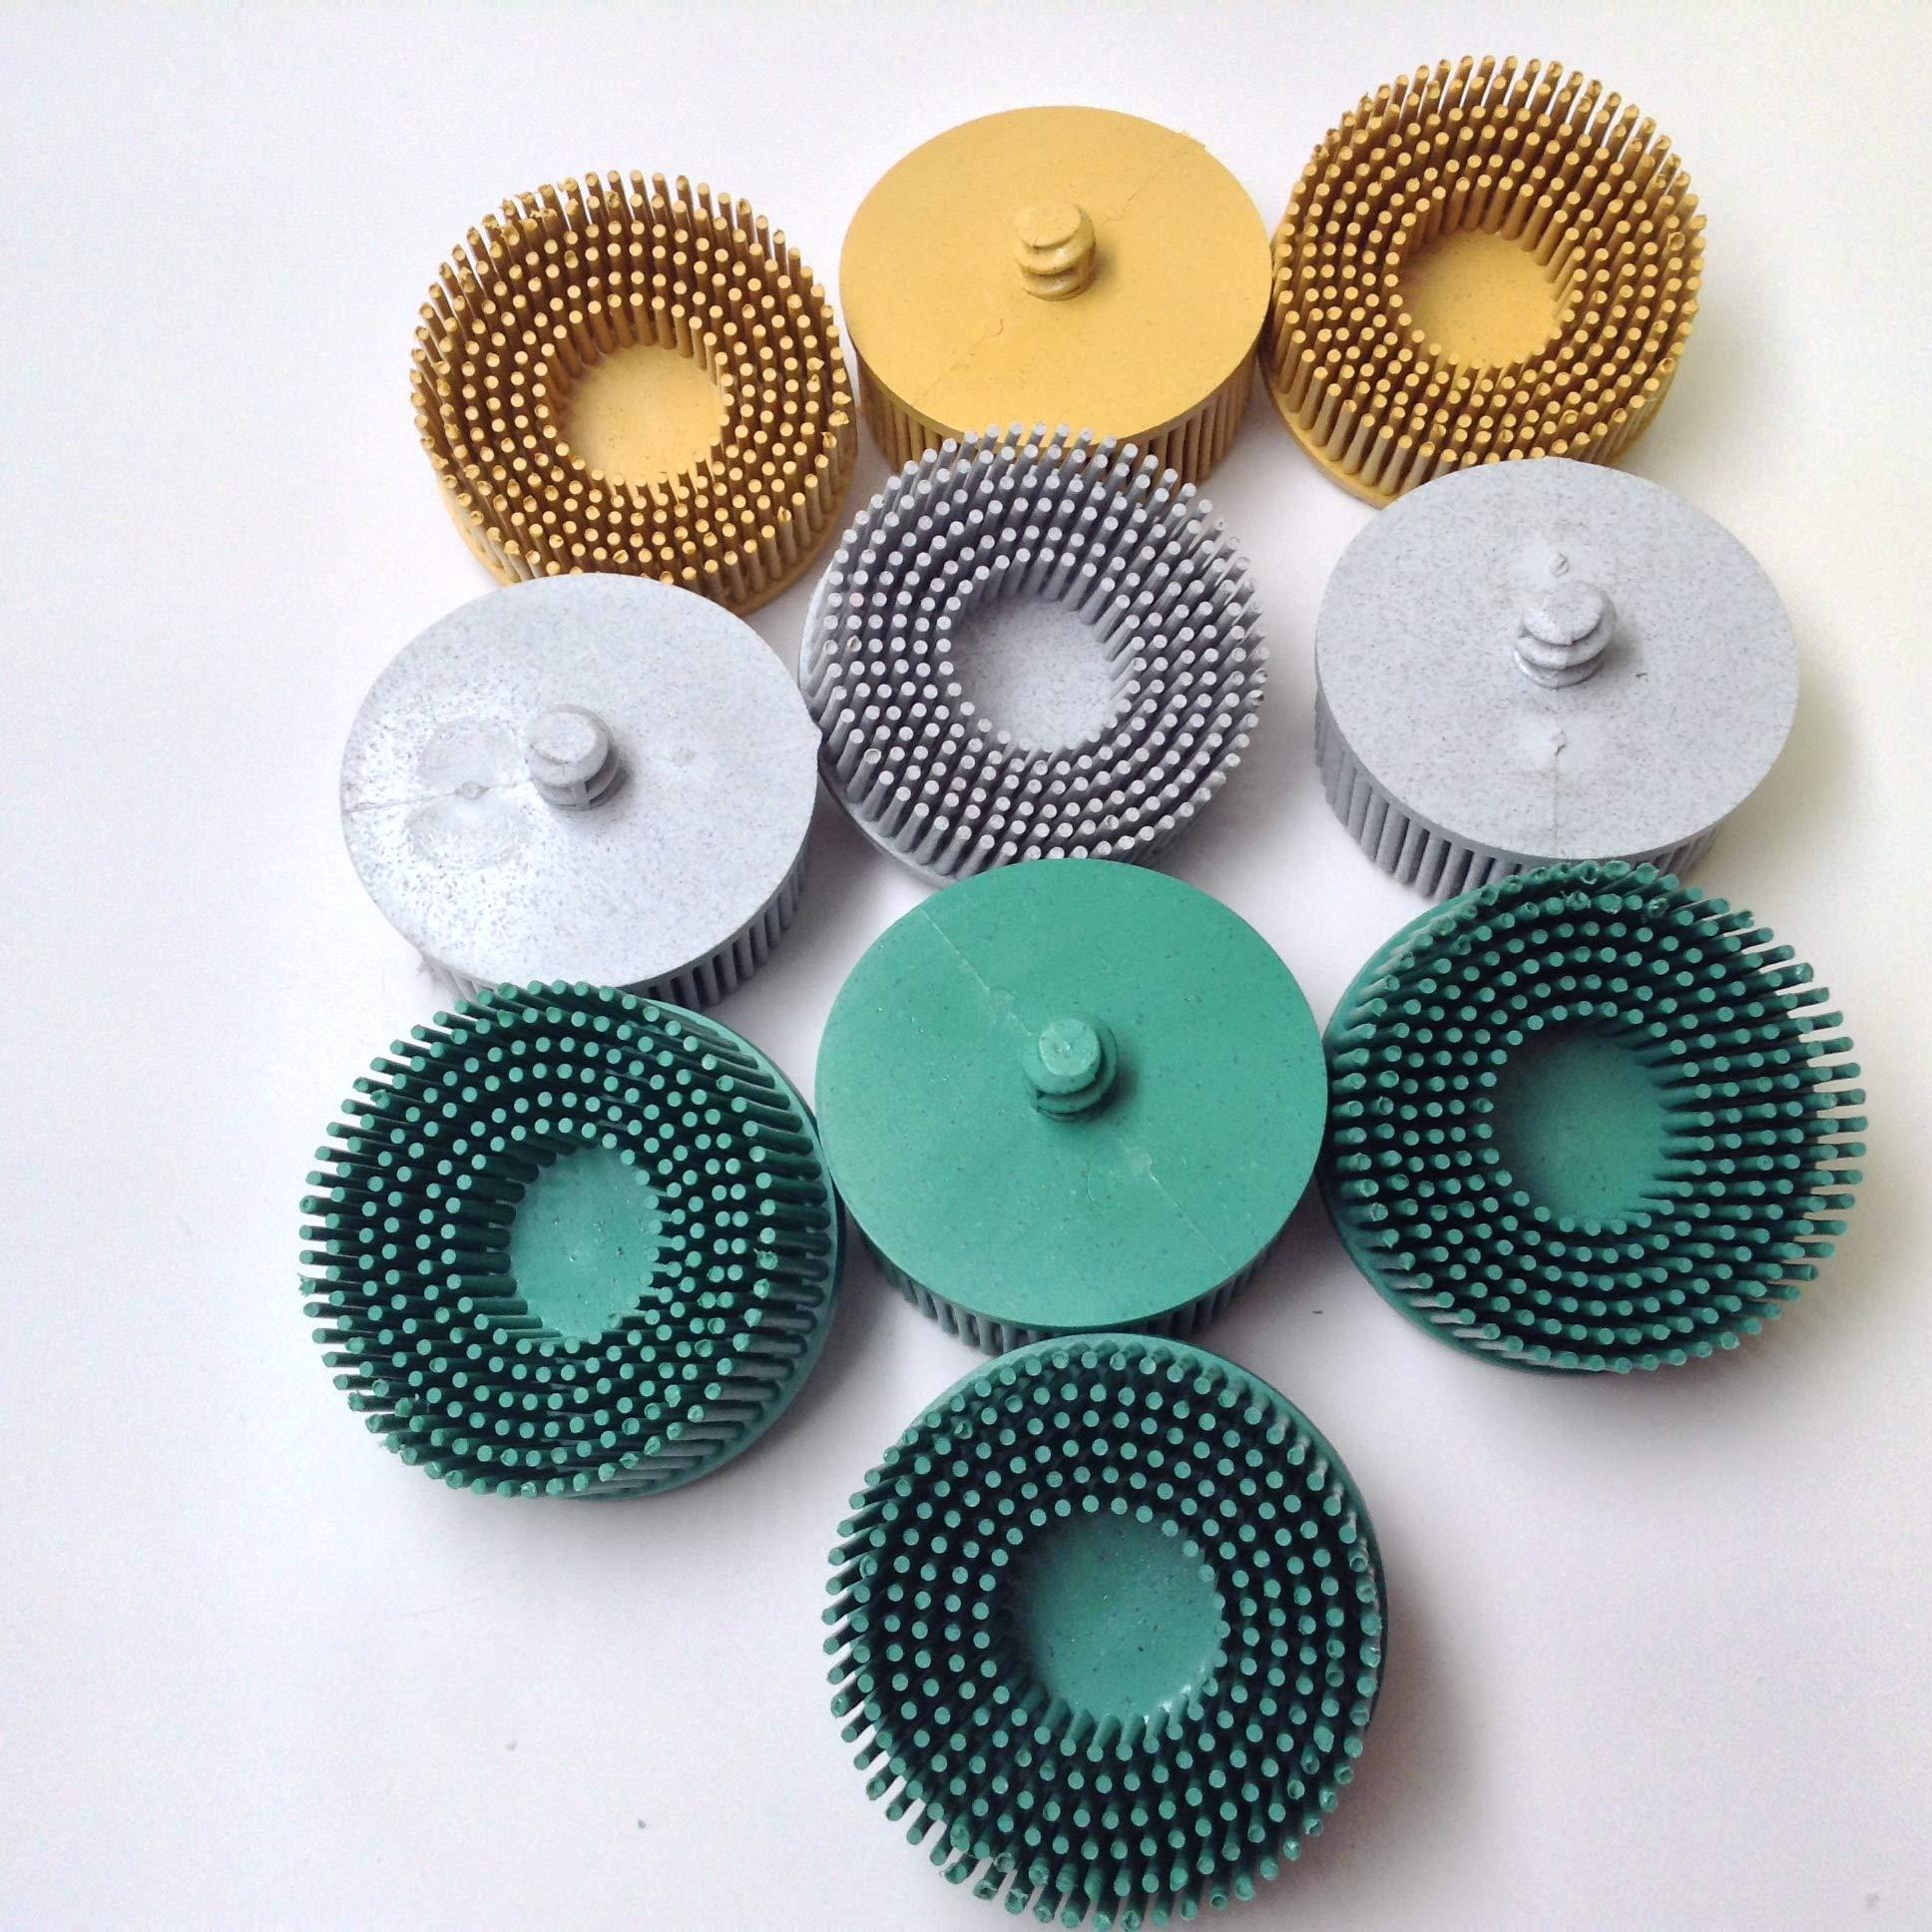 10pc Abrasive Bristle Disc 2'' Assortment - (4) 50 Grit, (3) 80 Grit, (3) 120 Grit